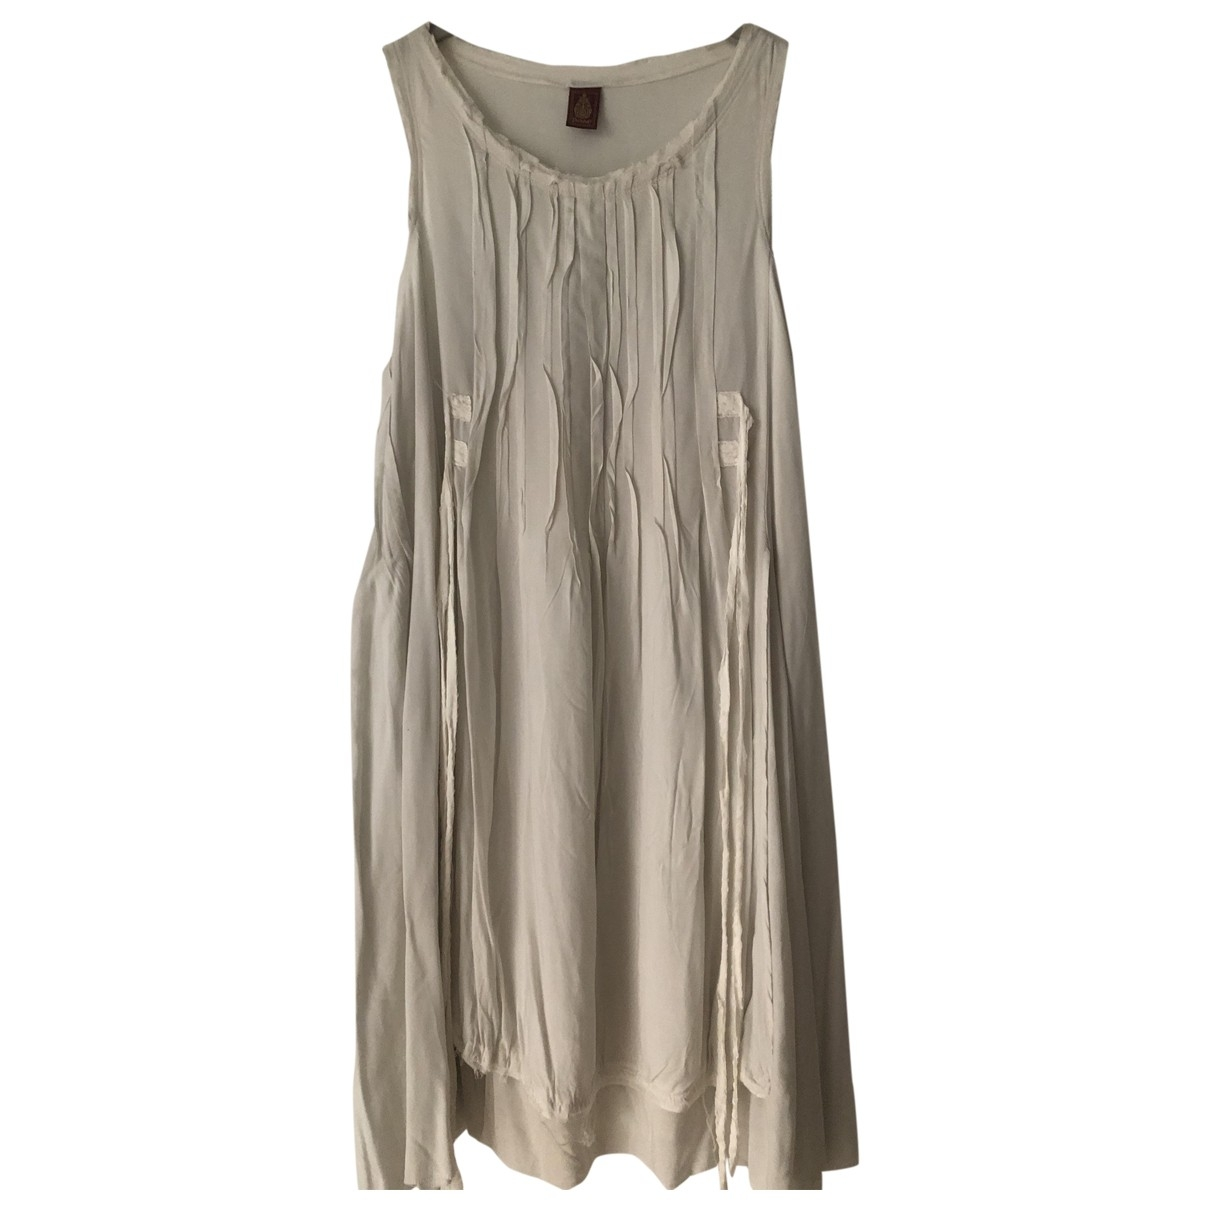 Dondup \N White dress for Women 42 IT